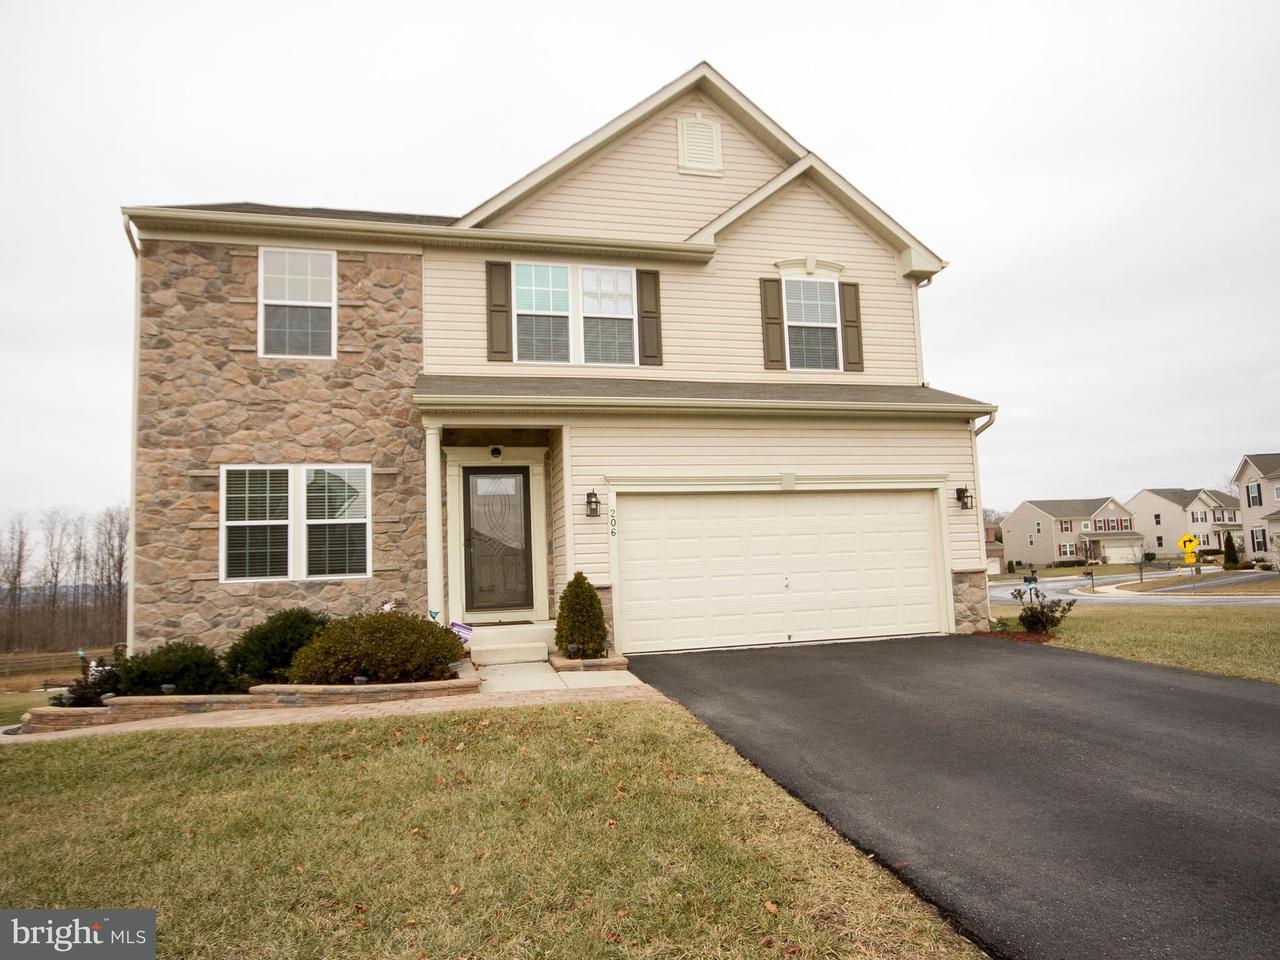 Частный односемейный дом для того Продажа на 206 Chimney Oak Drive 206 Chimney Oak Drive Joppa, Мэриленд 21085 Соединенные Штаты